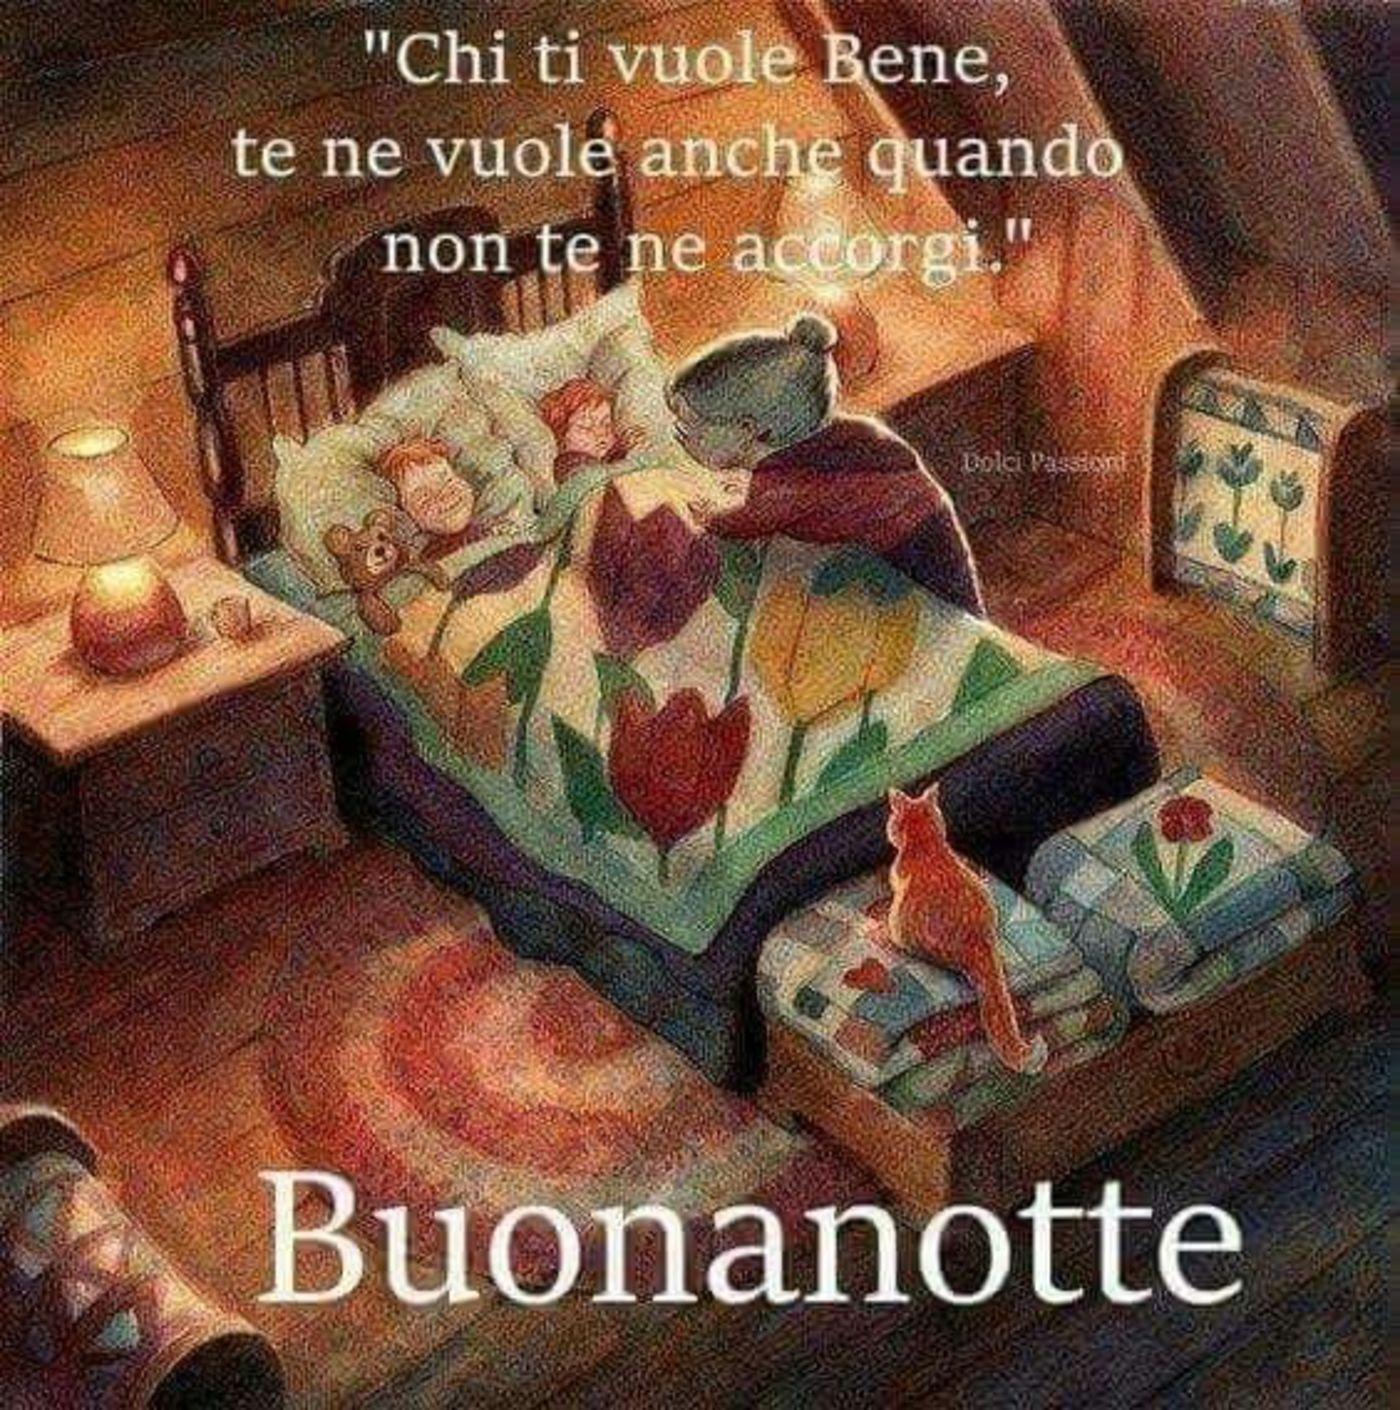 Immagini Buonanotte Whatsapp Buongiornissimocaffe It